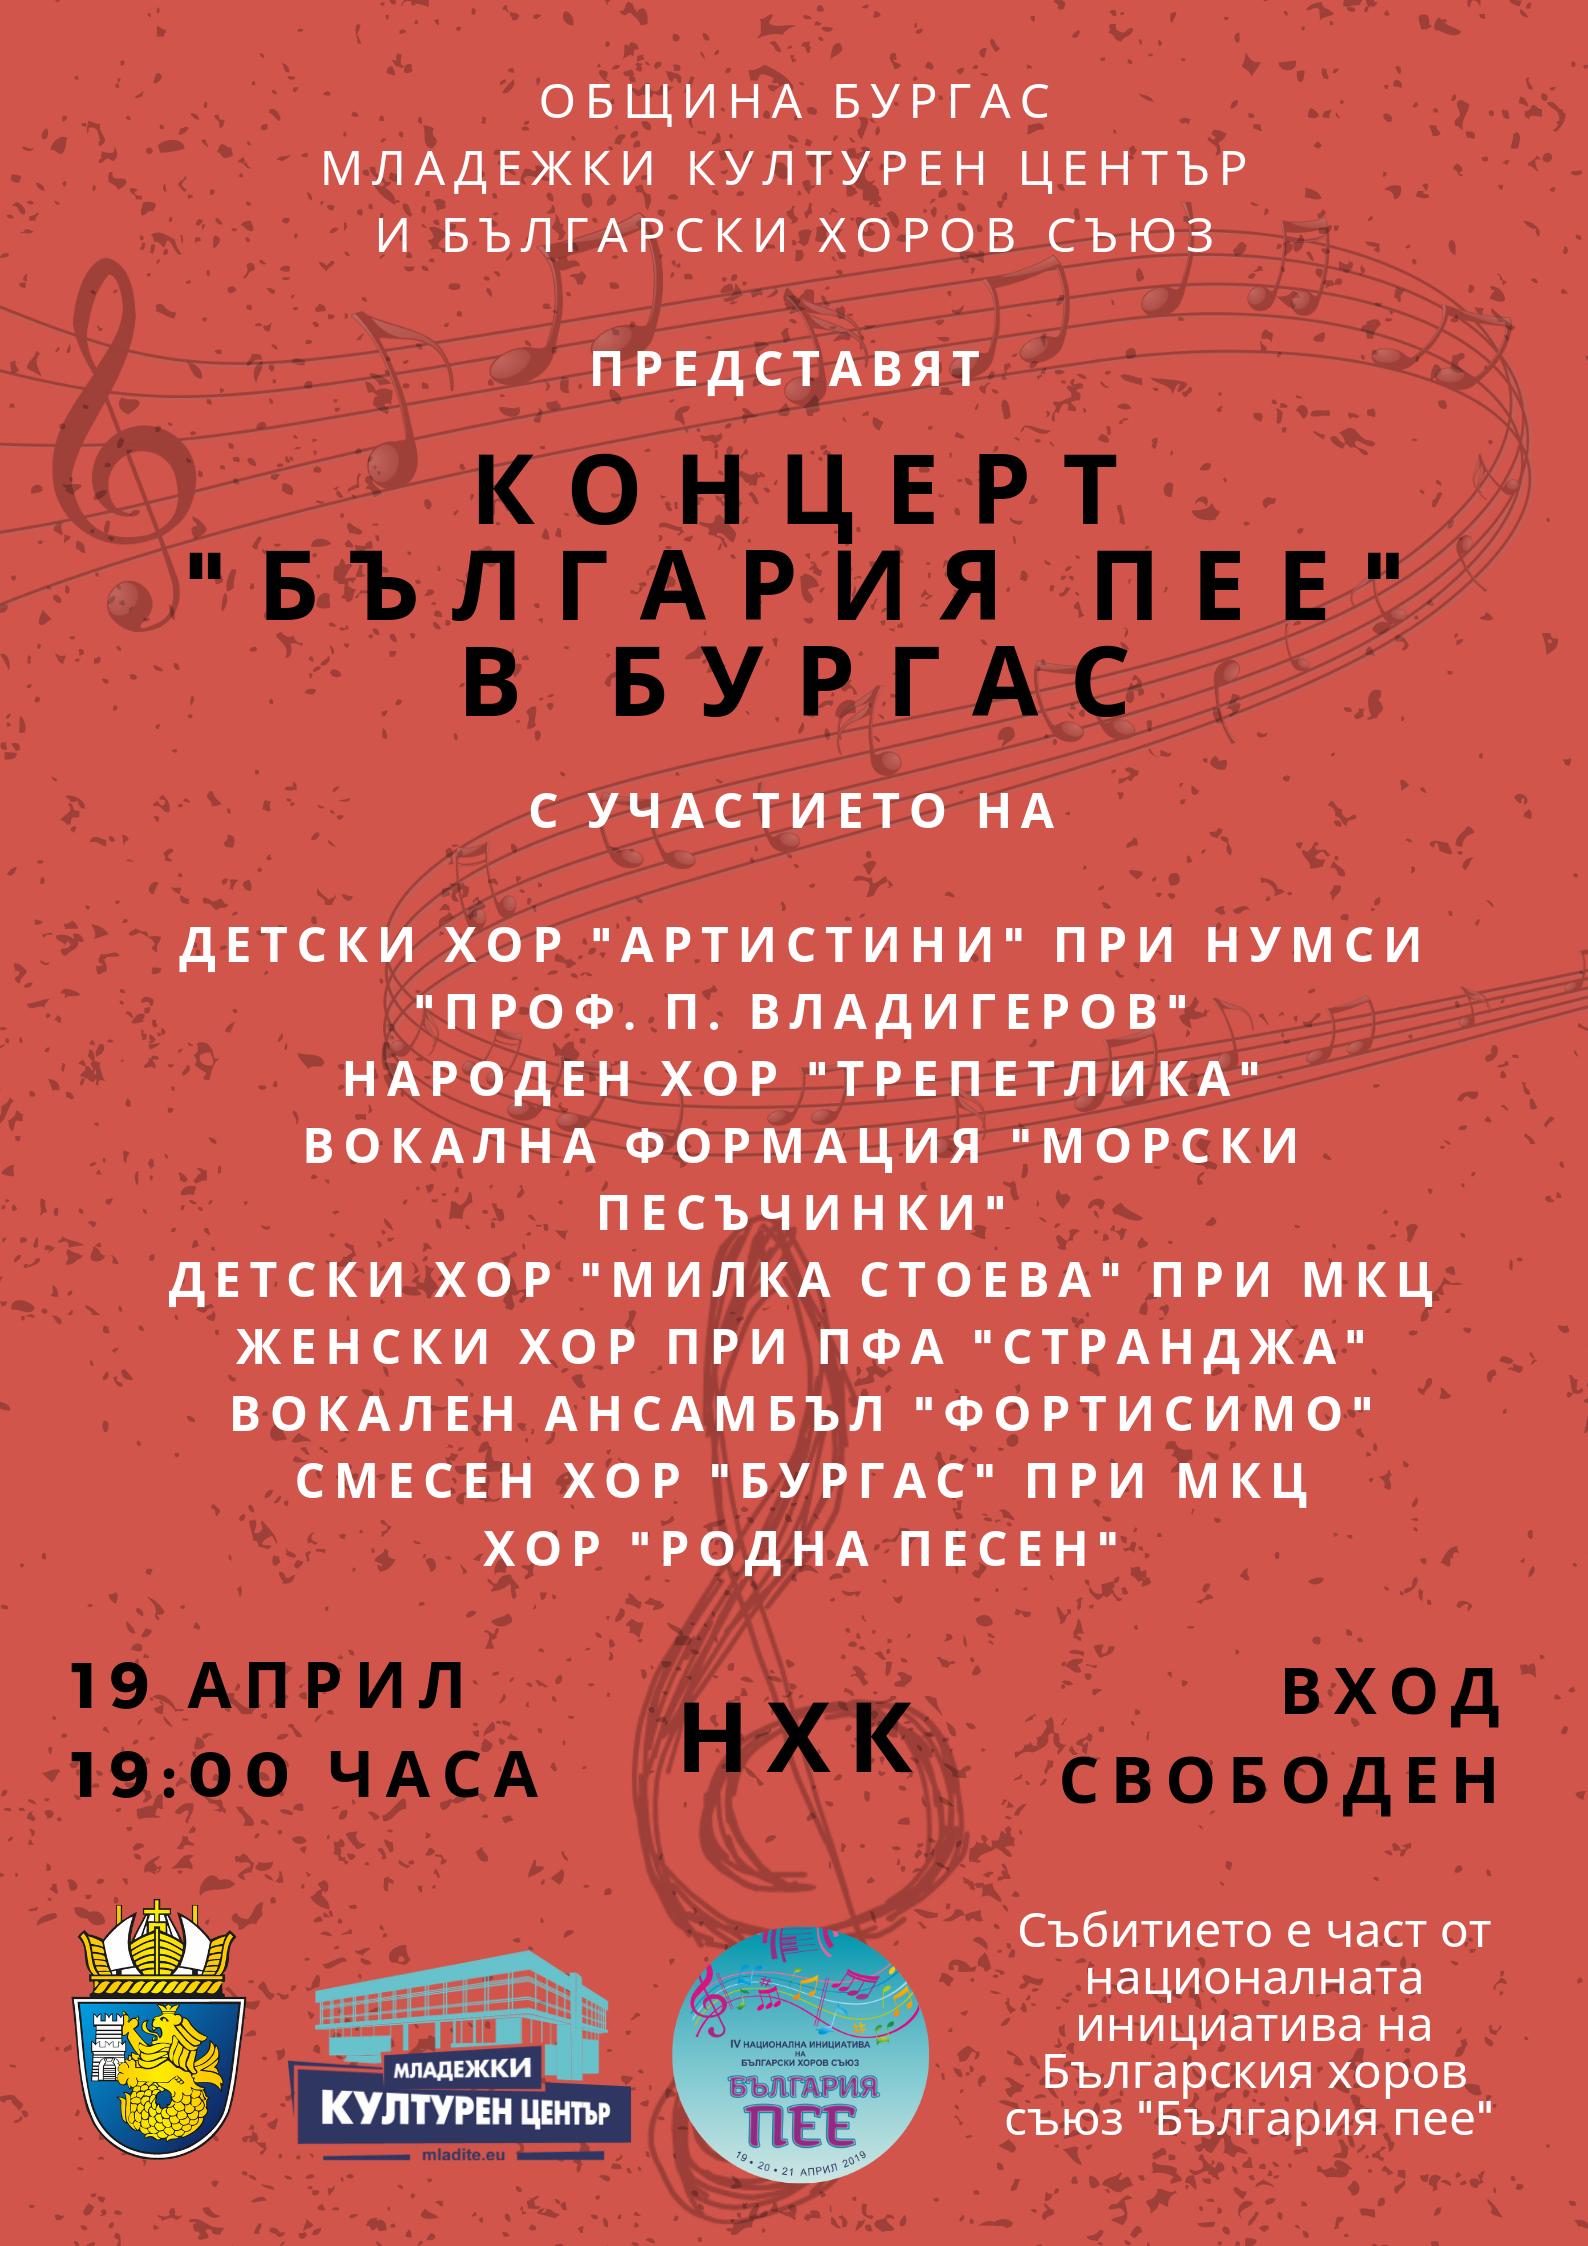 """Бургас е домакин на националната хорова инициатива """"България пее"""""""